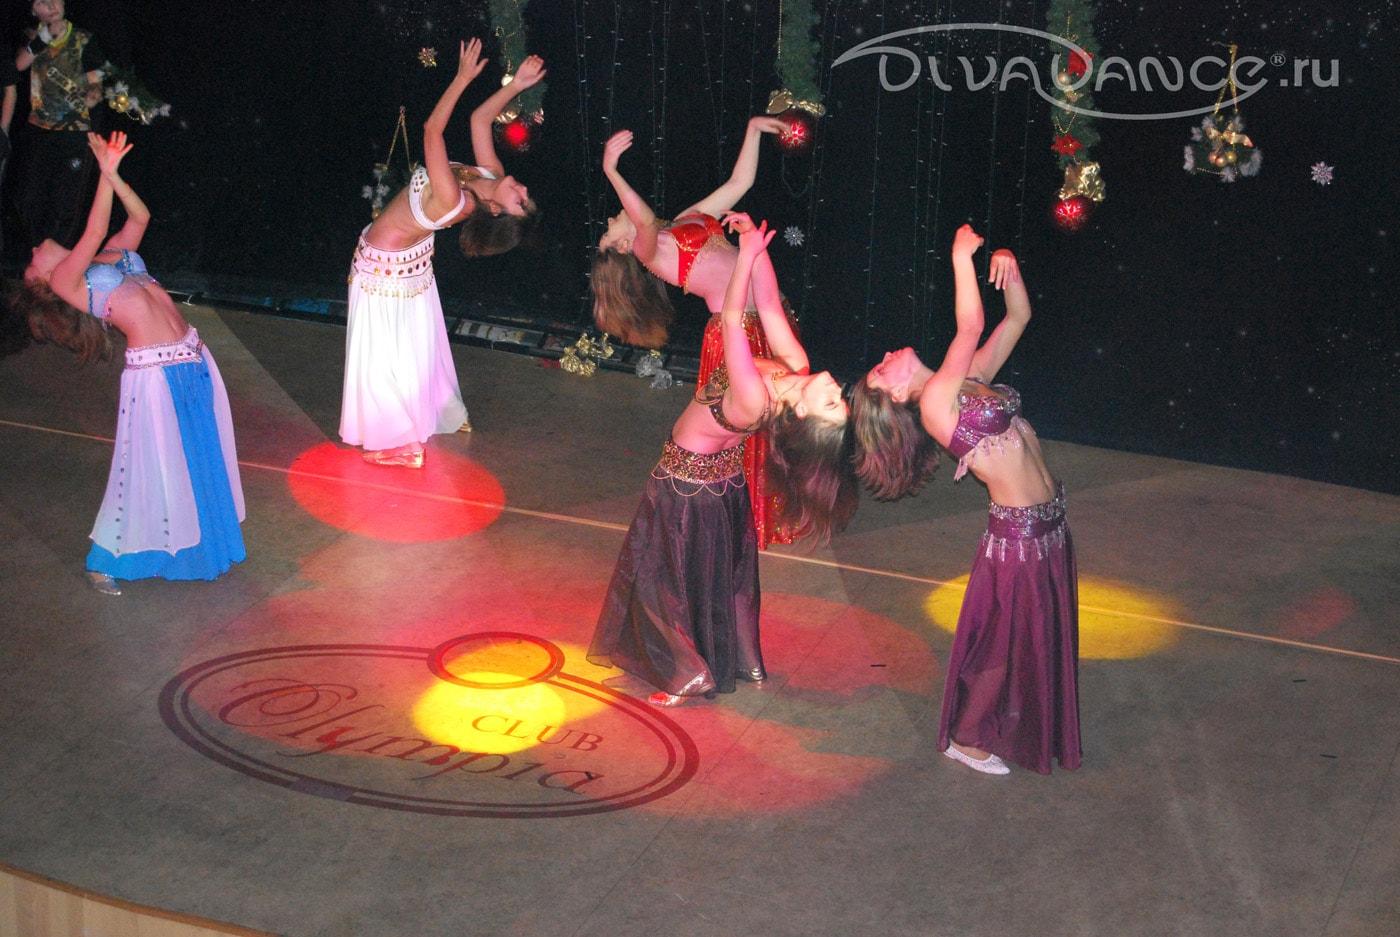 zhena-tantsuet-muzhu-arabskiy-tanets-smotret-onlayn